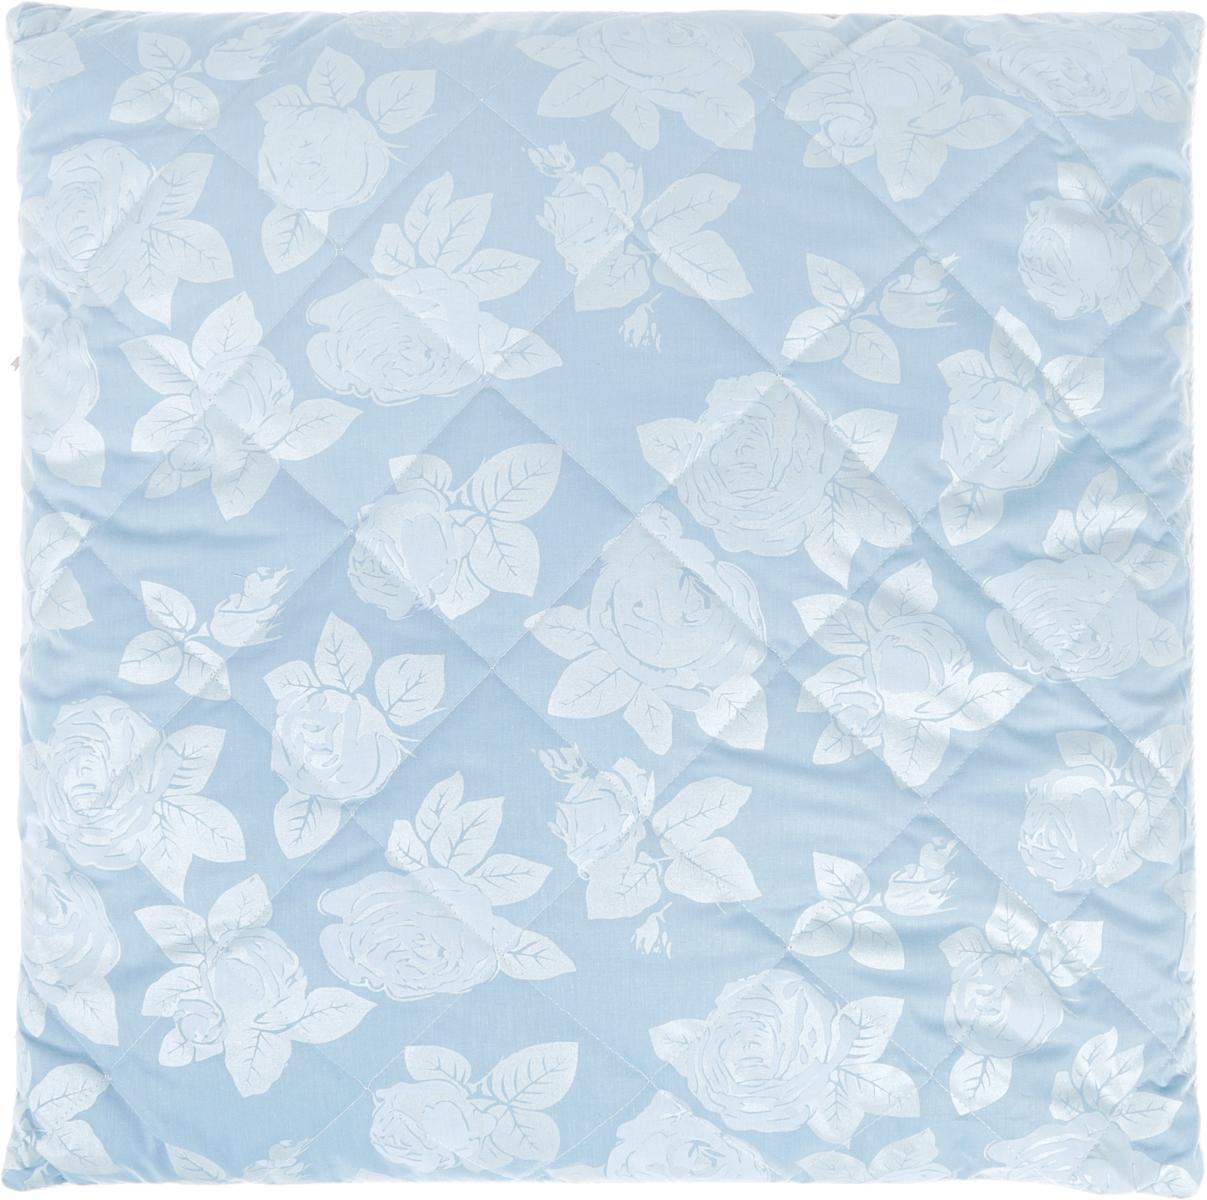 Подушка Bio-Teхtiles Сила природы, наполнитель: лузга гречихи, цвет: голубой, 70 х 70 смSPC552